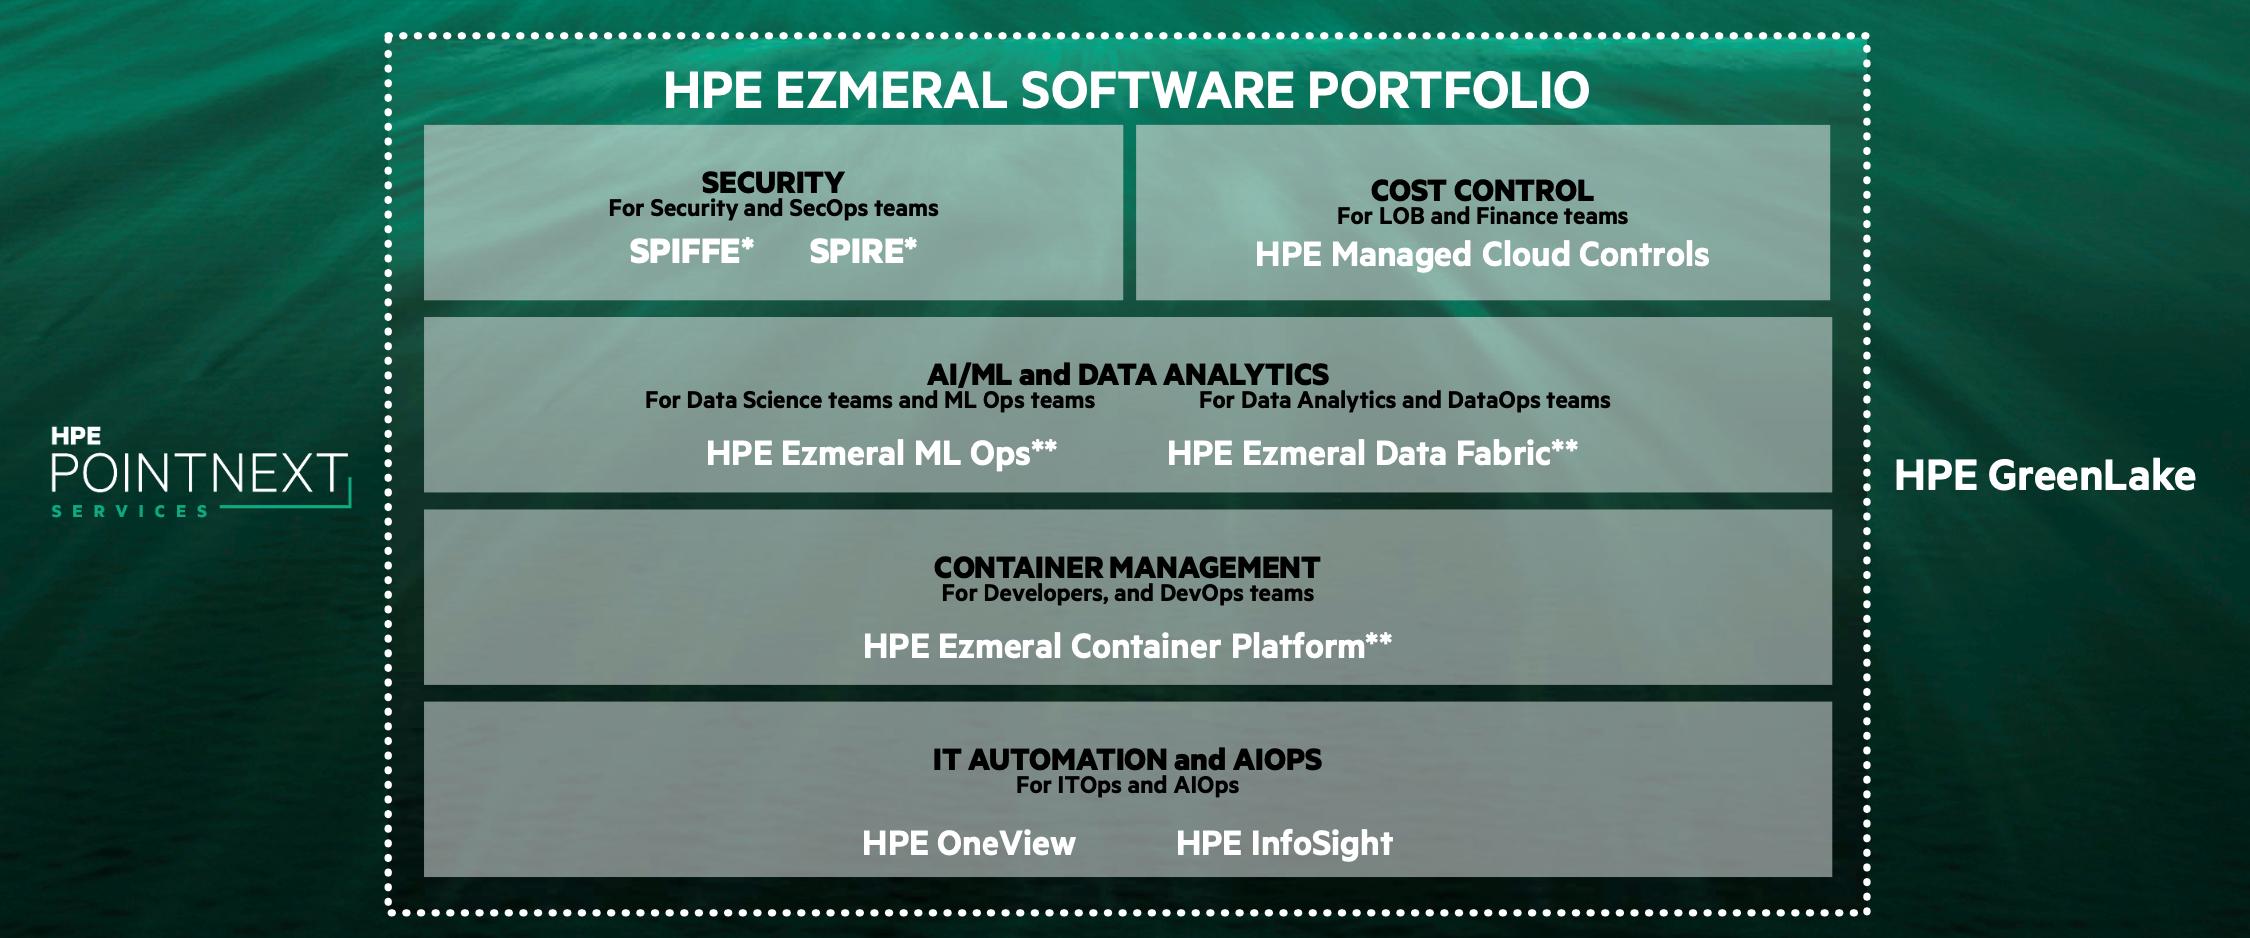 Die Komponenten des neuen HPE Ezmeral Softwareportfolios im Überblick (* = Open Source; ** = läuft auf jeder Hardware und in jeder Cloud)